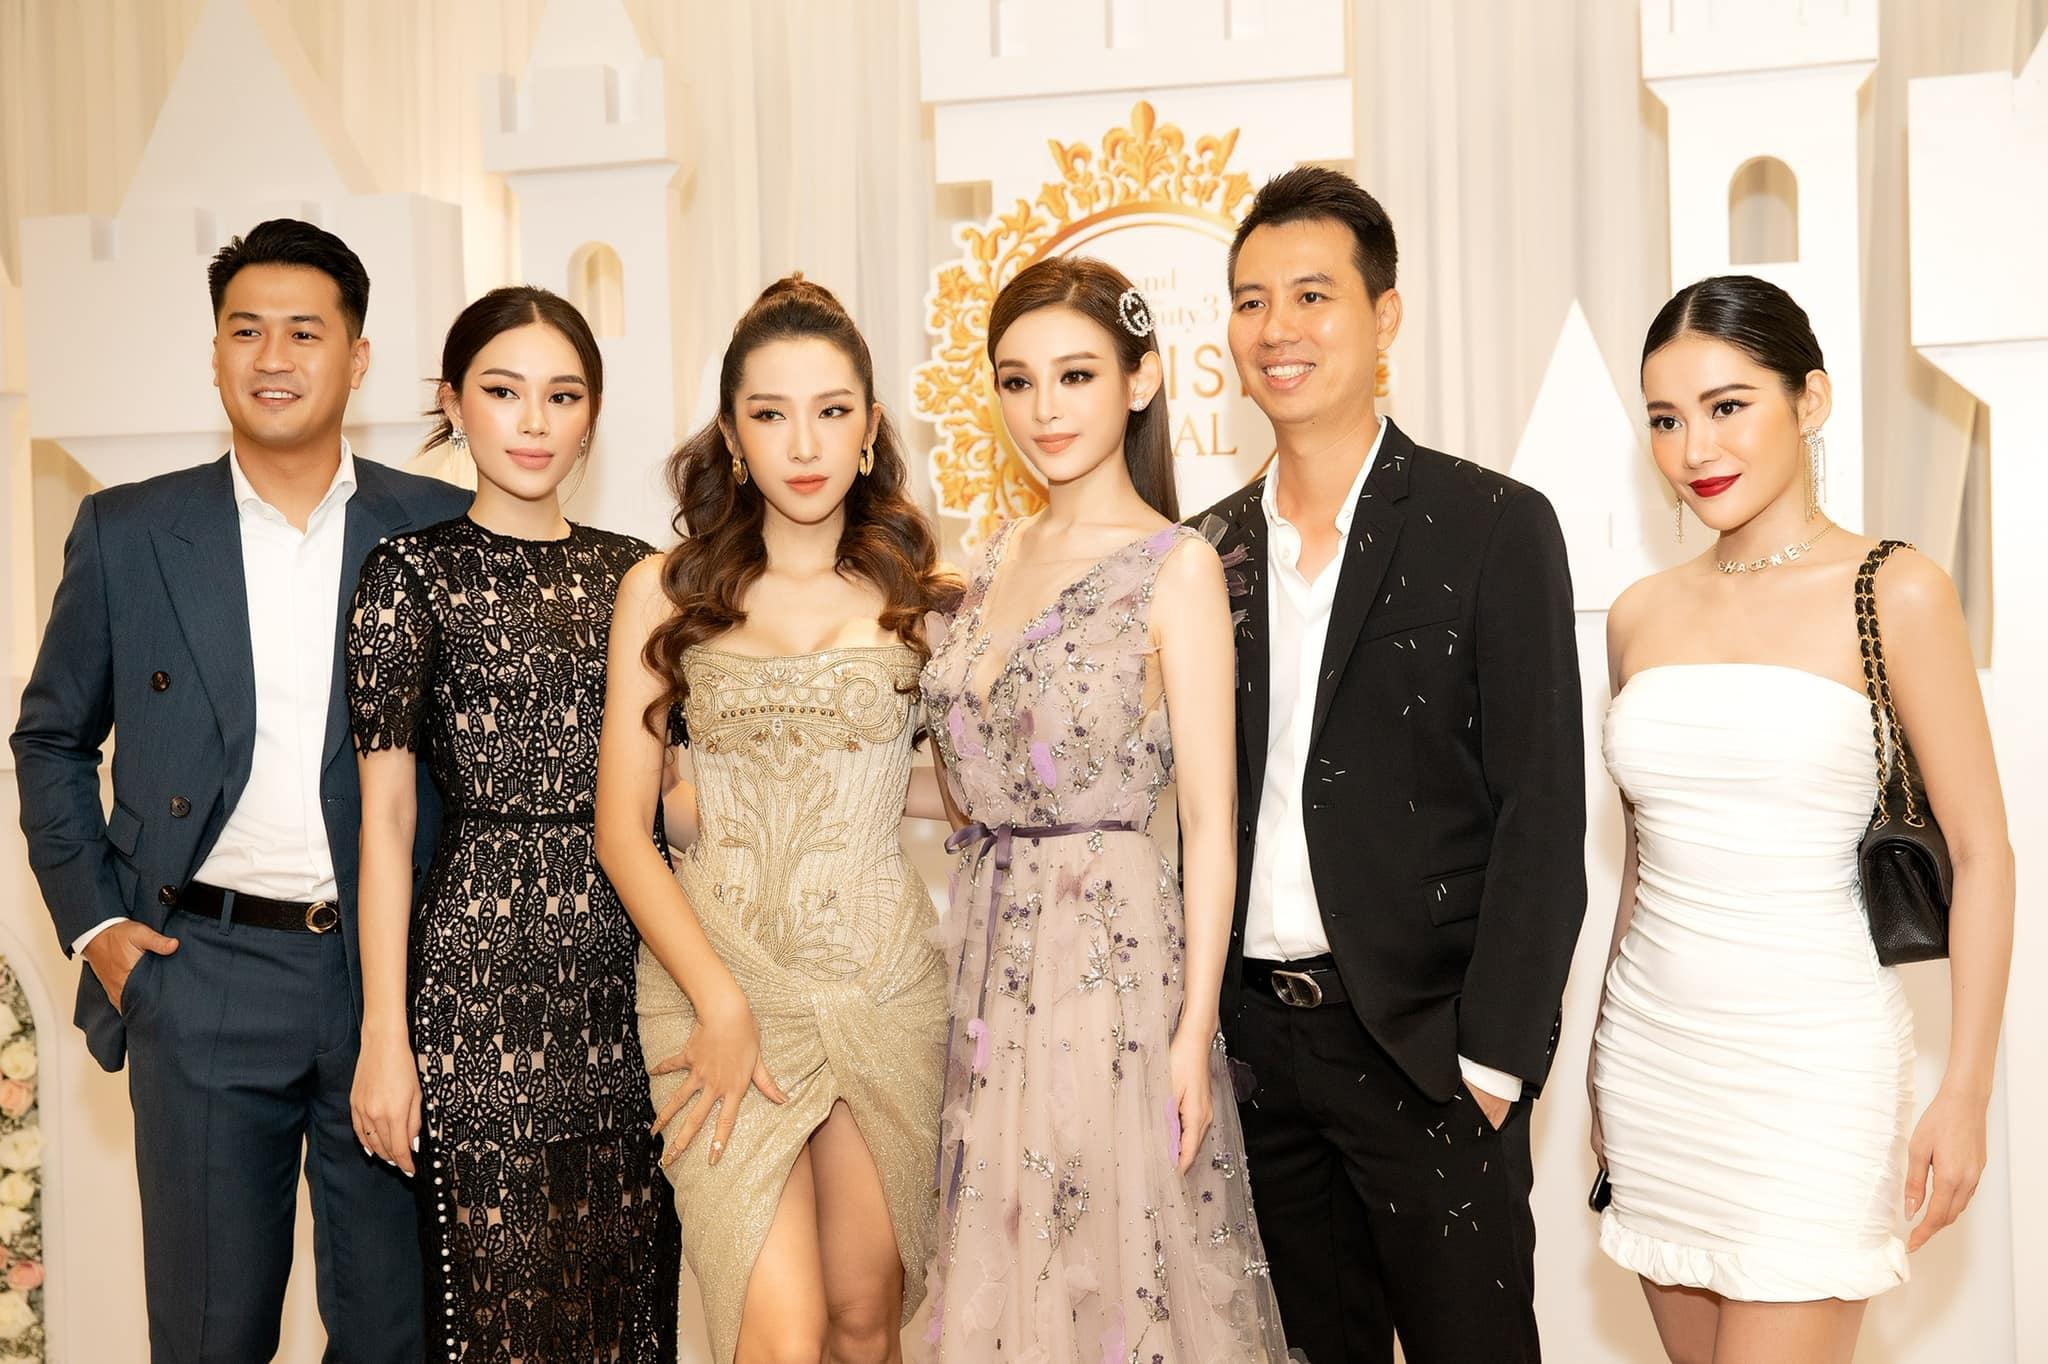 """Chọn bộ đầm hơi già so với tuổi 28 nhưng Linh Rin vẫn sang hết phần hội chị em sexy hở bạo: """"Cân"""" từ Emilly đến Huyền Baby chứ chẳng vừa - Ảnh 3."""